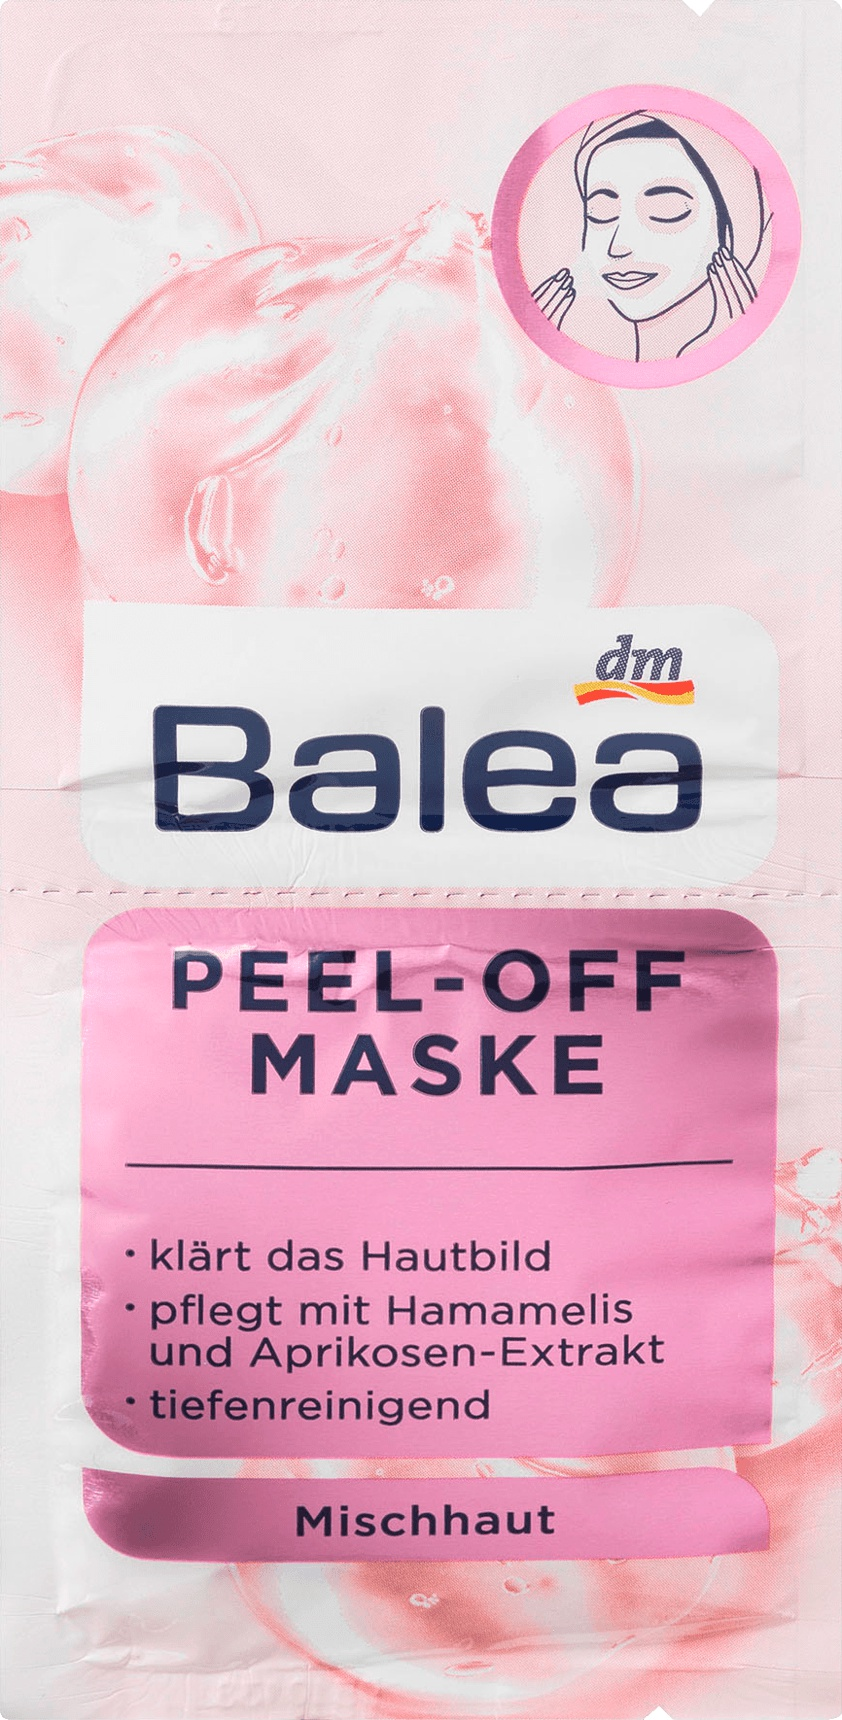 Balea DM Maske Peel-Off